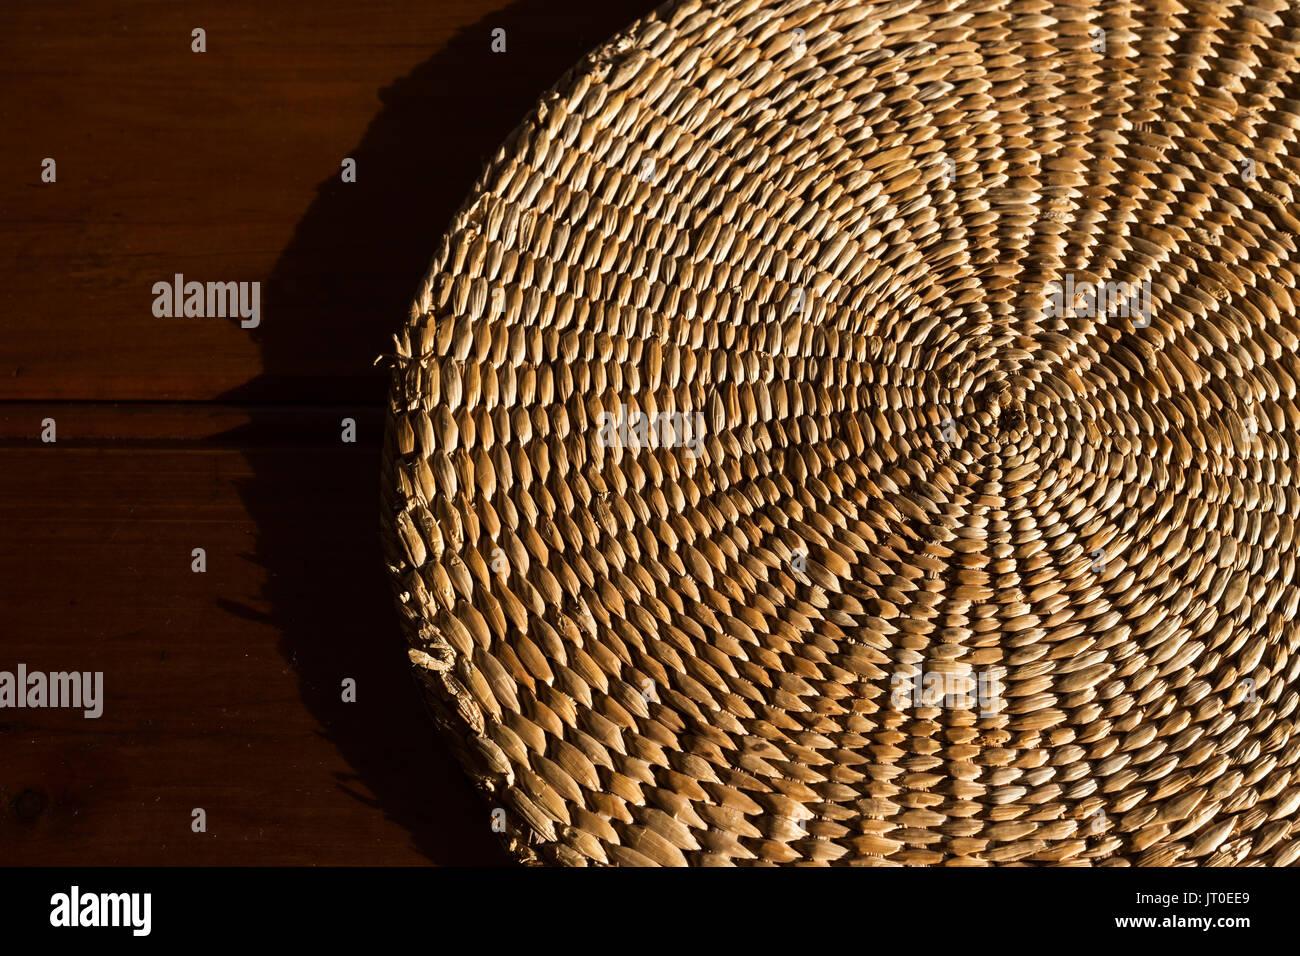 Wicker Mat Photos Wicker Mat Images Alamy